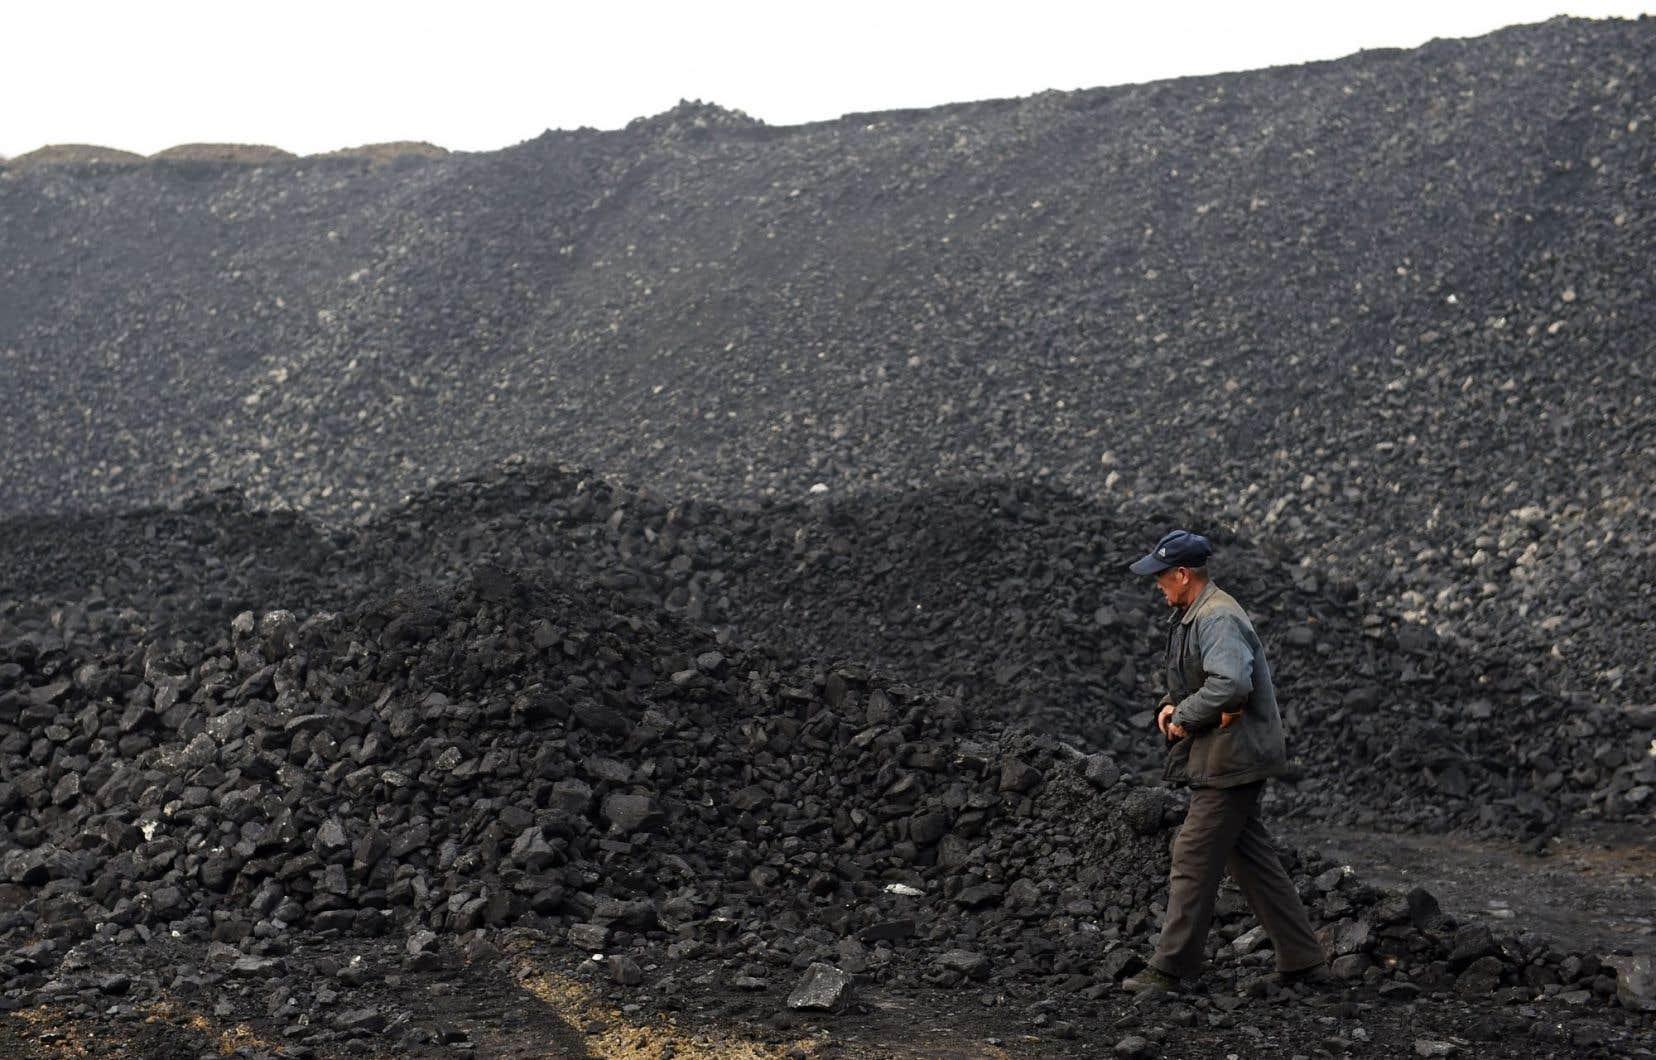 La Chine brûle beaucoup plus de charbon que ne le disaient les chiffres officiels. Elle annonce que la réduction de sa dépendance à ce minerai sera «plus compliquée que prévu».